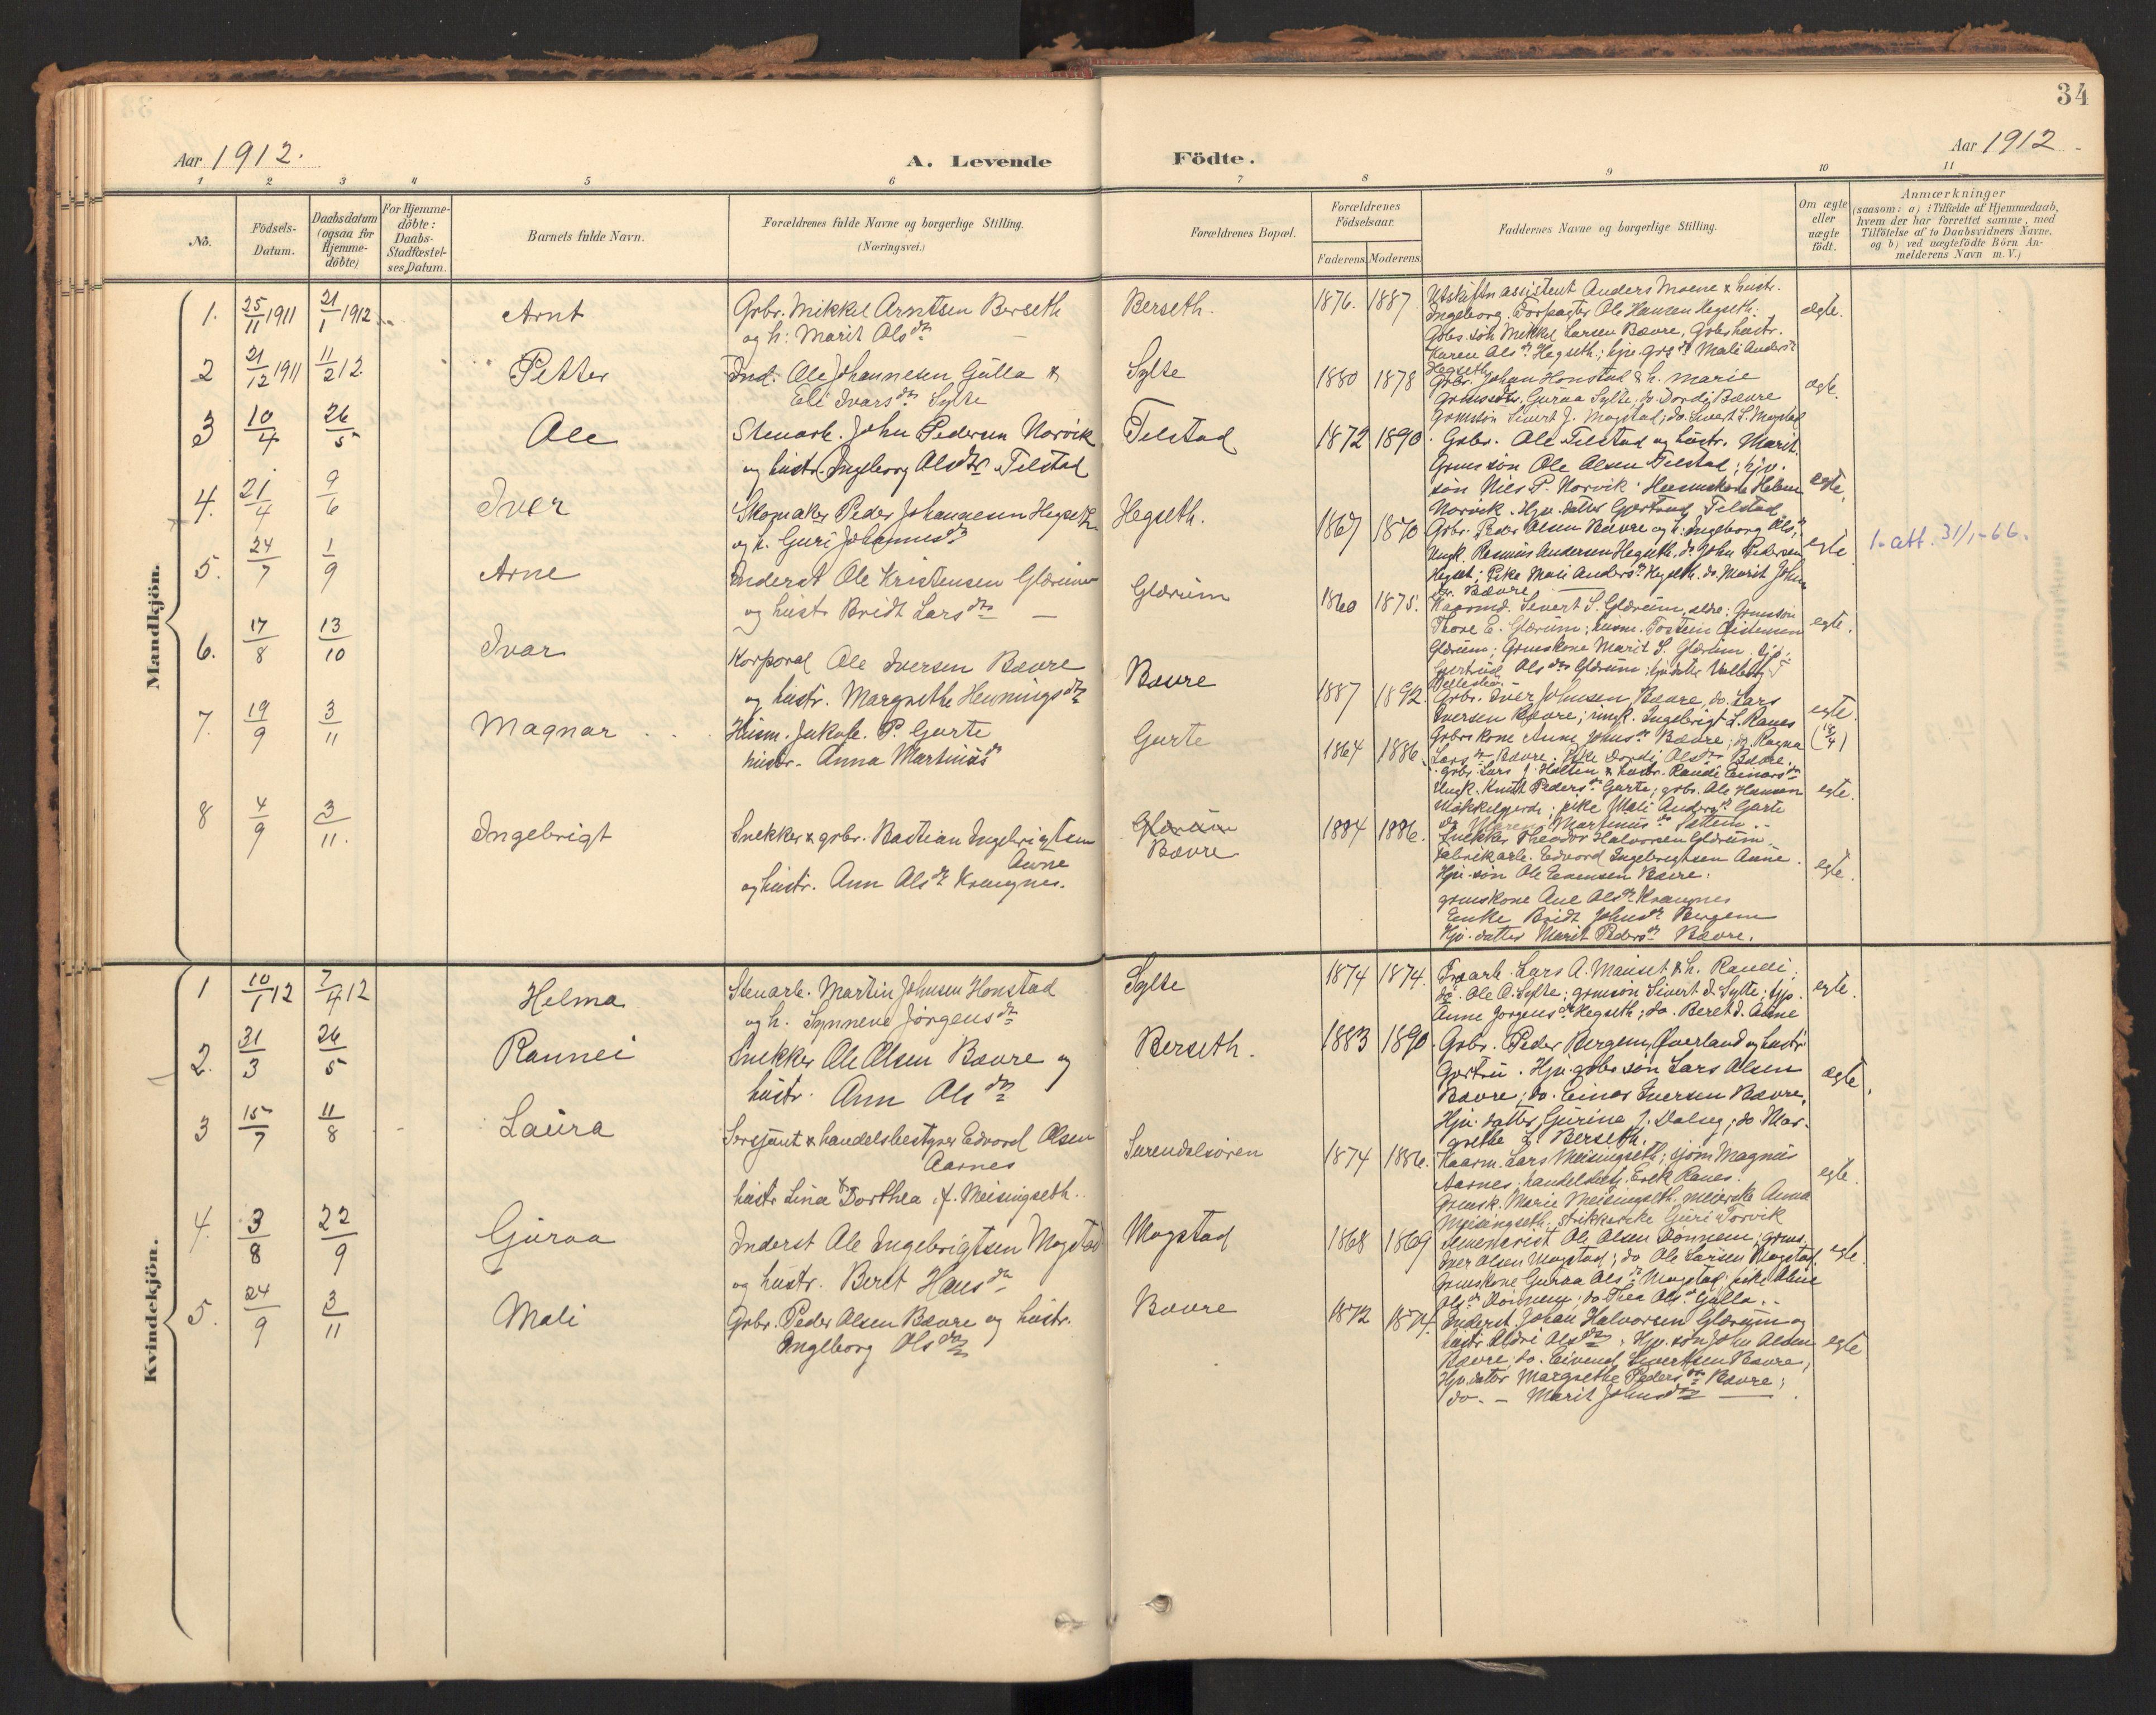 SAT, Ministerialprotokoller, klokkerbøker og fødselsregistre - Møre og Romsdal, 595/L1048: Ministerialbok nr. 595A10, 1900-1917, s. 34